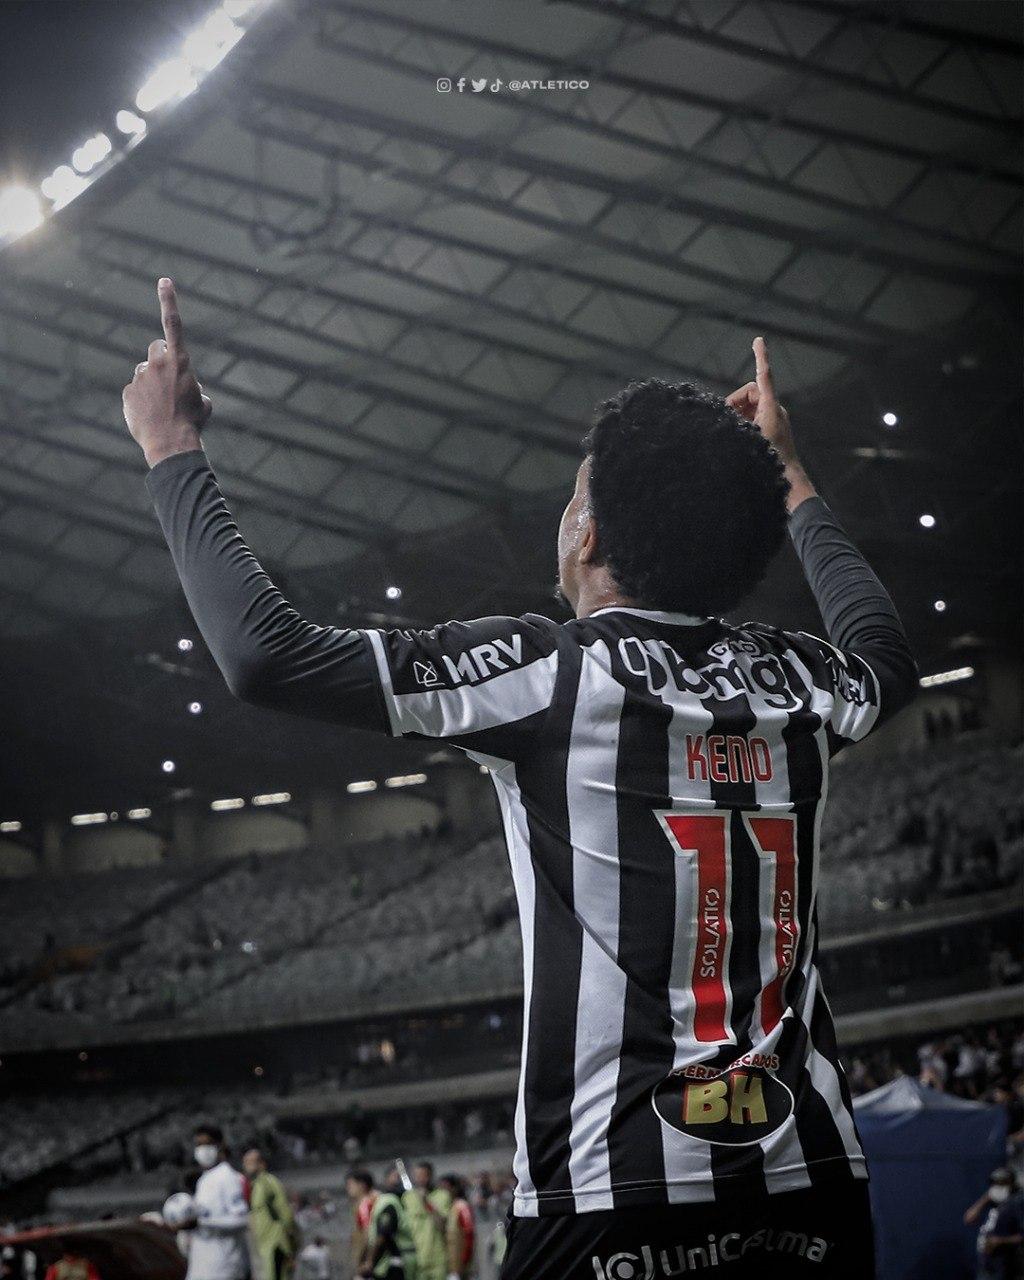 Keno celebra não só o gol. Mas a ressurreição do Atlético. O luto acabou